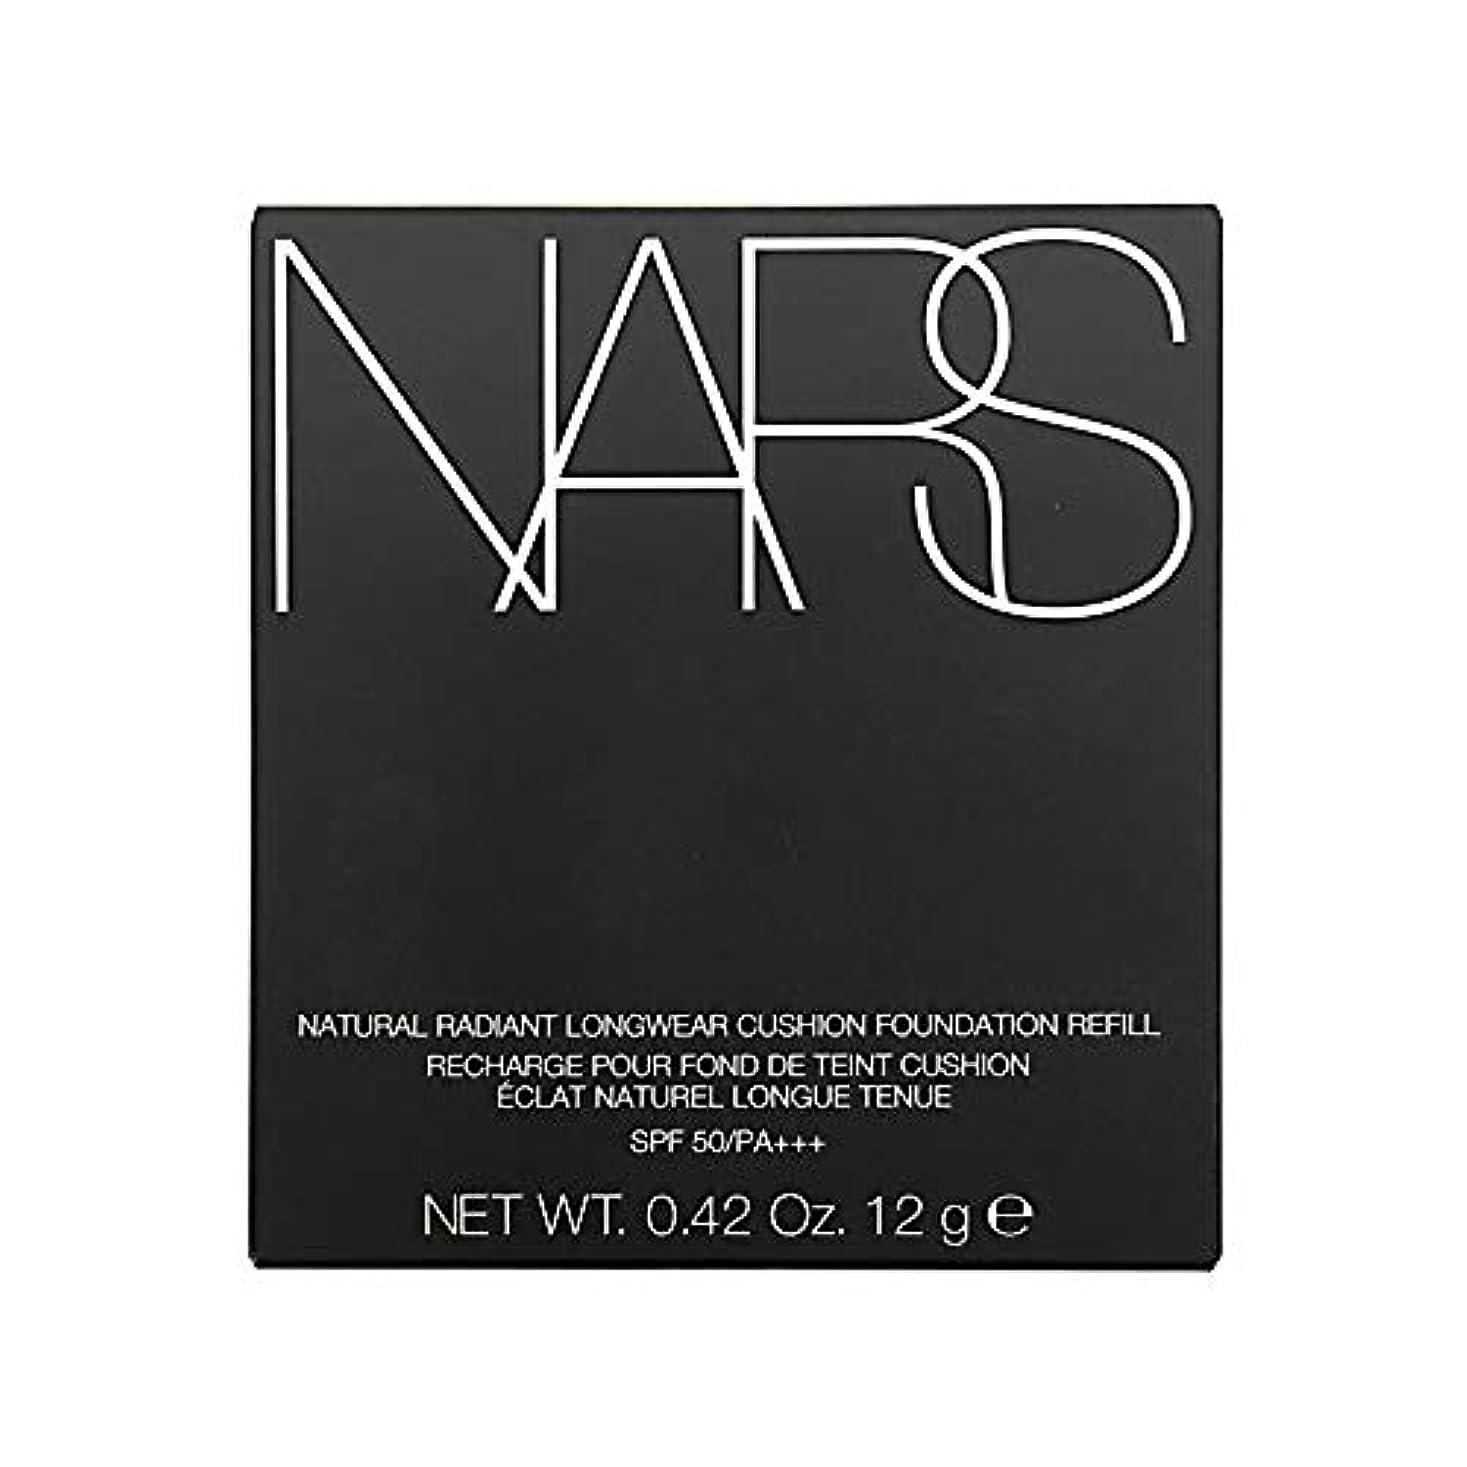 証明する玉ねぎドラッグナーズ/NARS ナチュラルラディアント ロングウェア クッションファンデーション(レフィル)#5880[ クッションファンデ ] [並行輸入品]